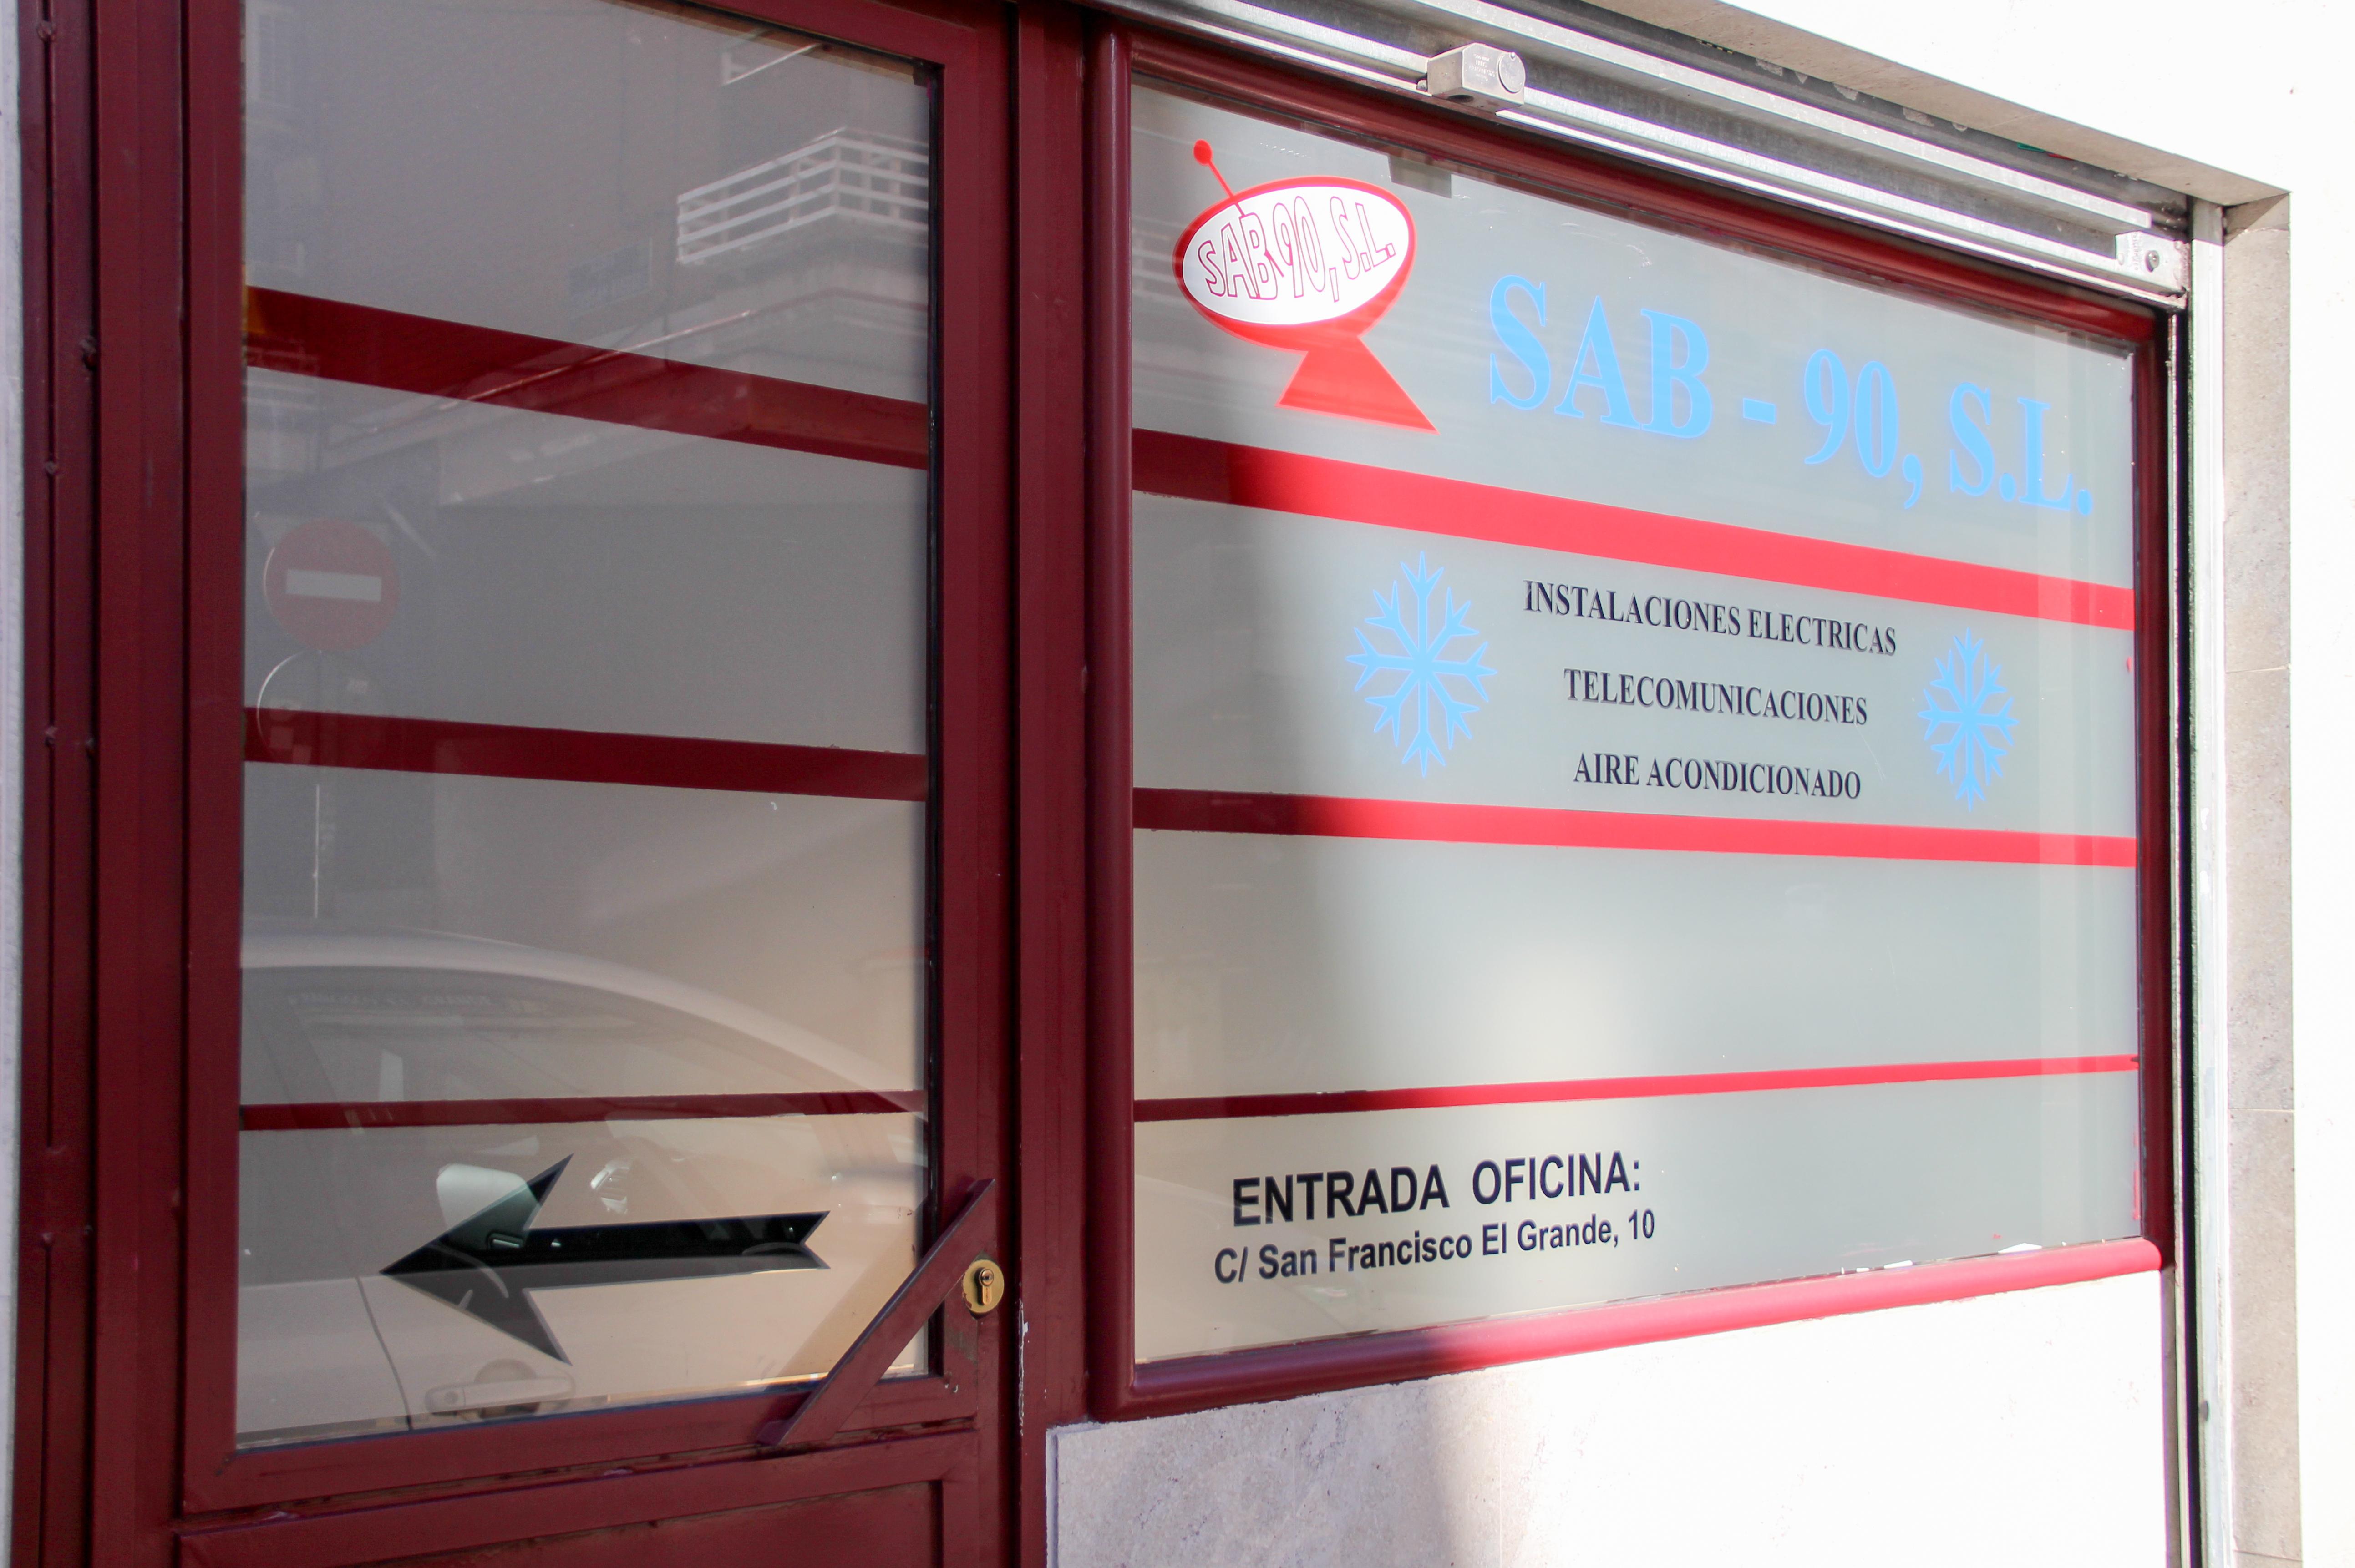 Instalación y mantenimiento de equipos de aire acondicionado